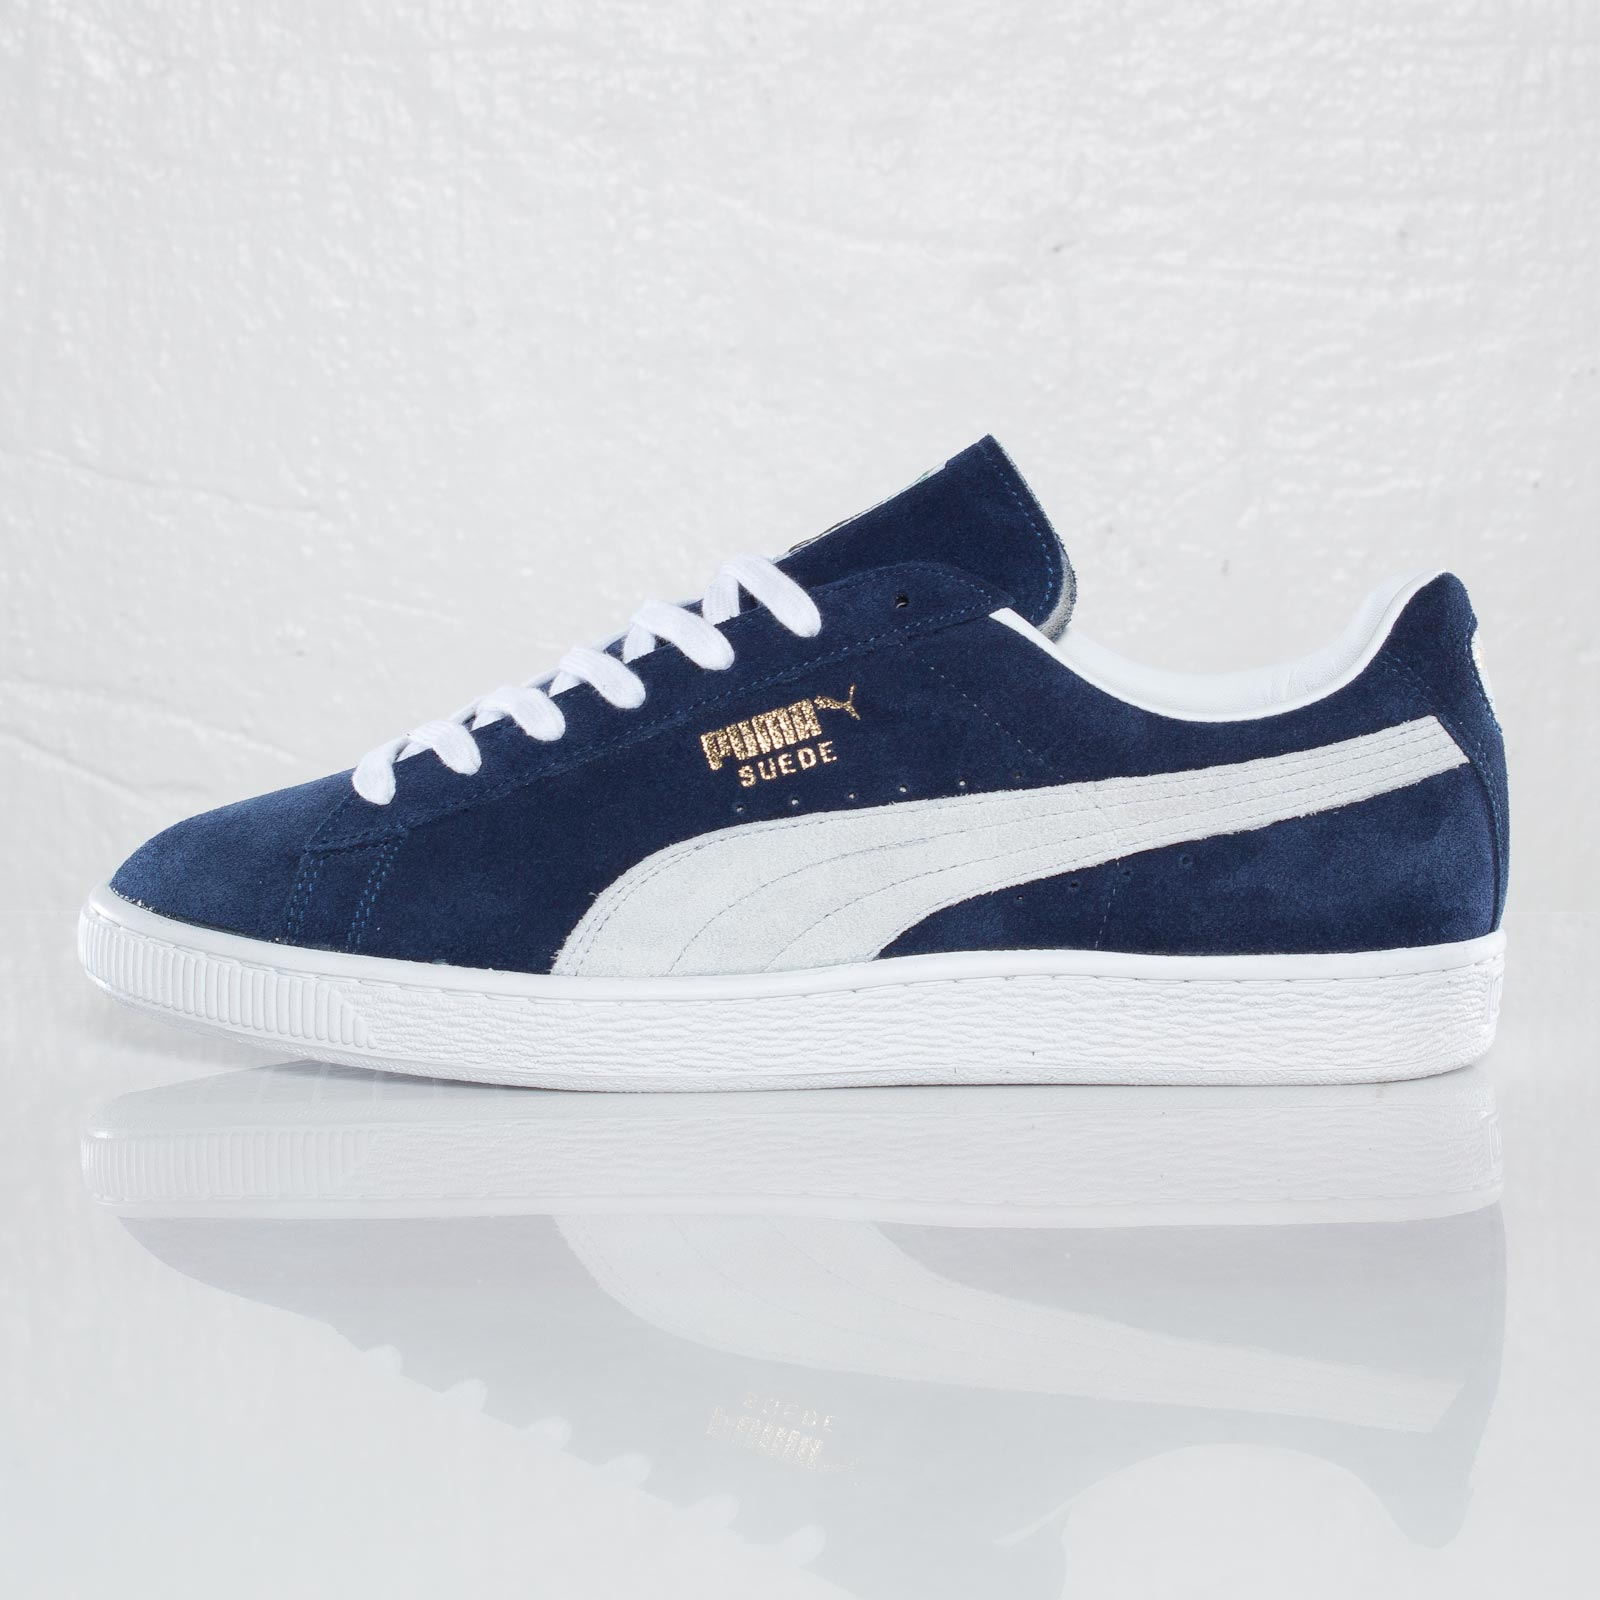 best service df15c 3c9c3 Puma Suede Classic Jnc - 111195 - Sneakersnstuff | sneakers ...